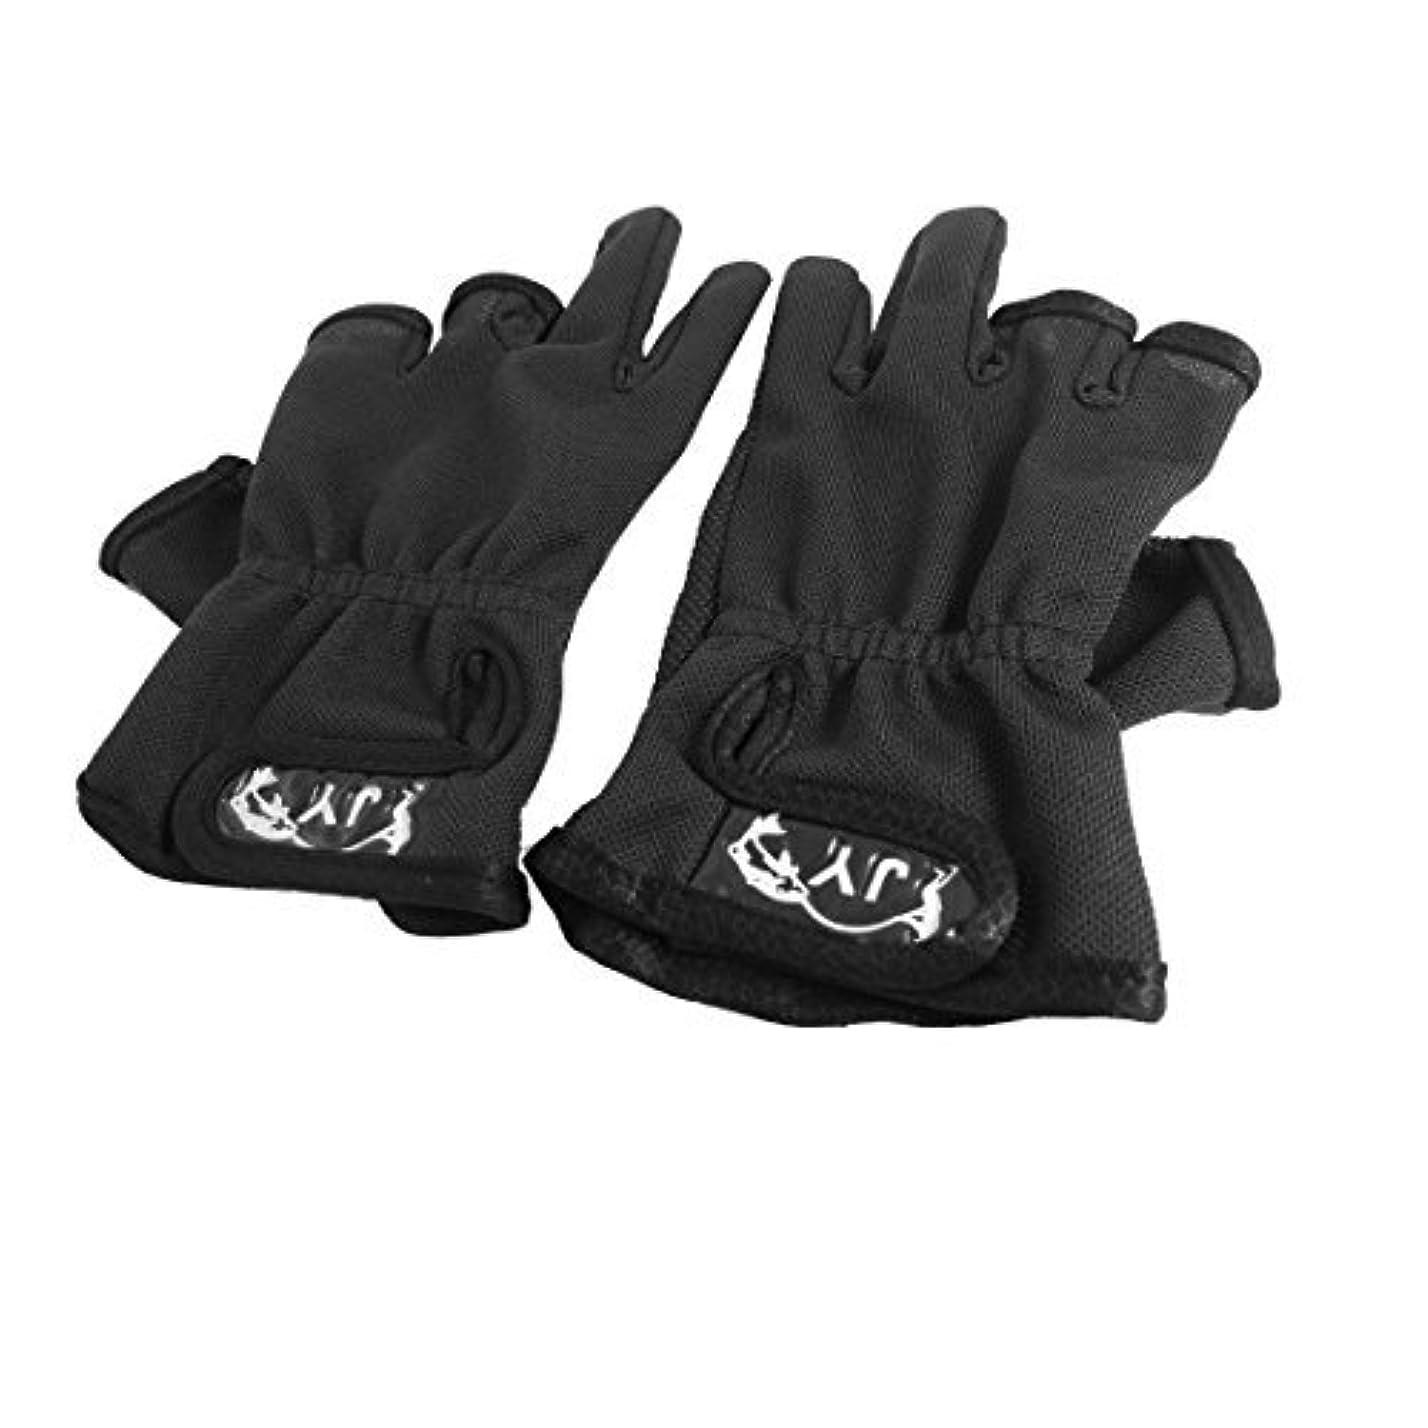 マウンド振るコカインループクロージャー3カット指の滑り止め釣り手袋ペアブラックフックDealMux